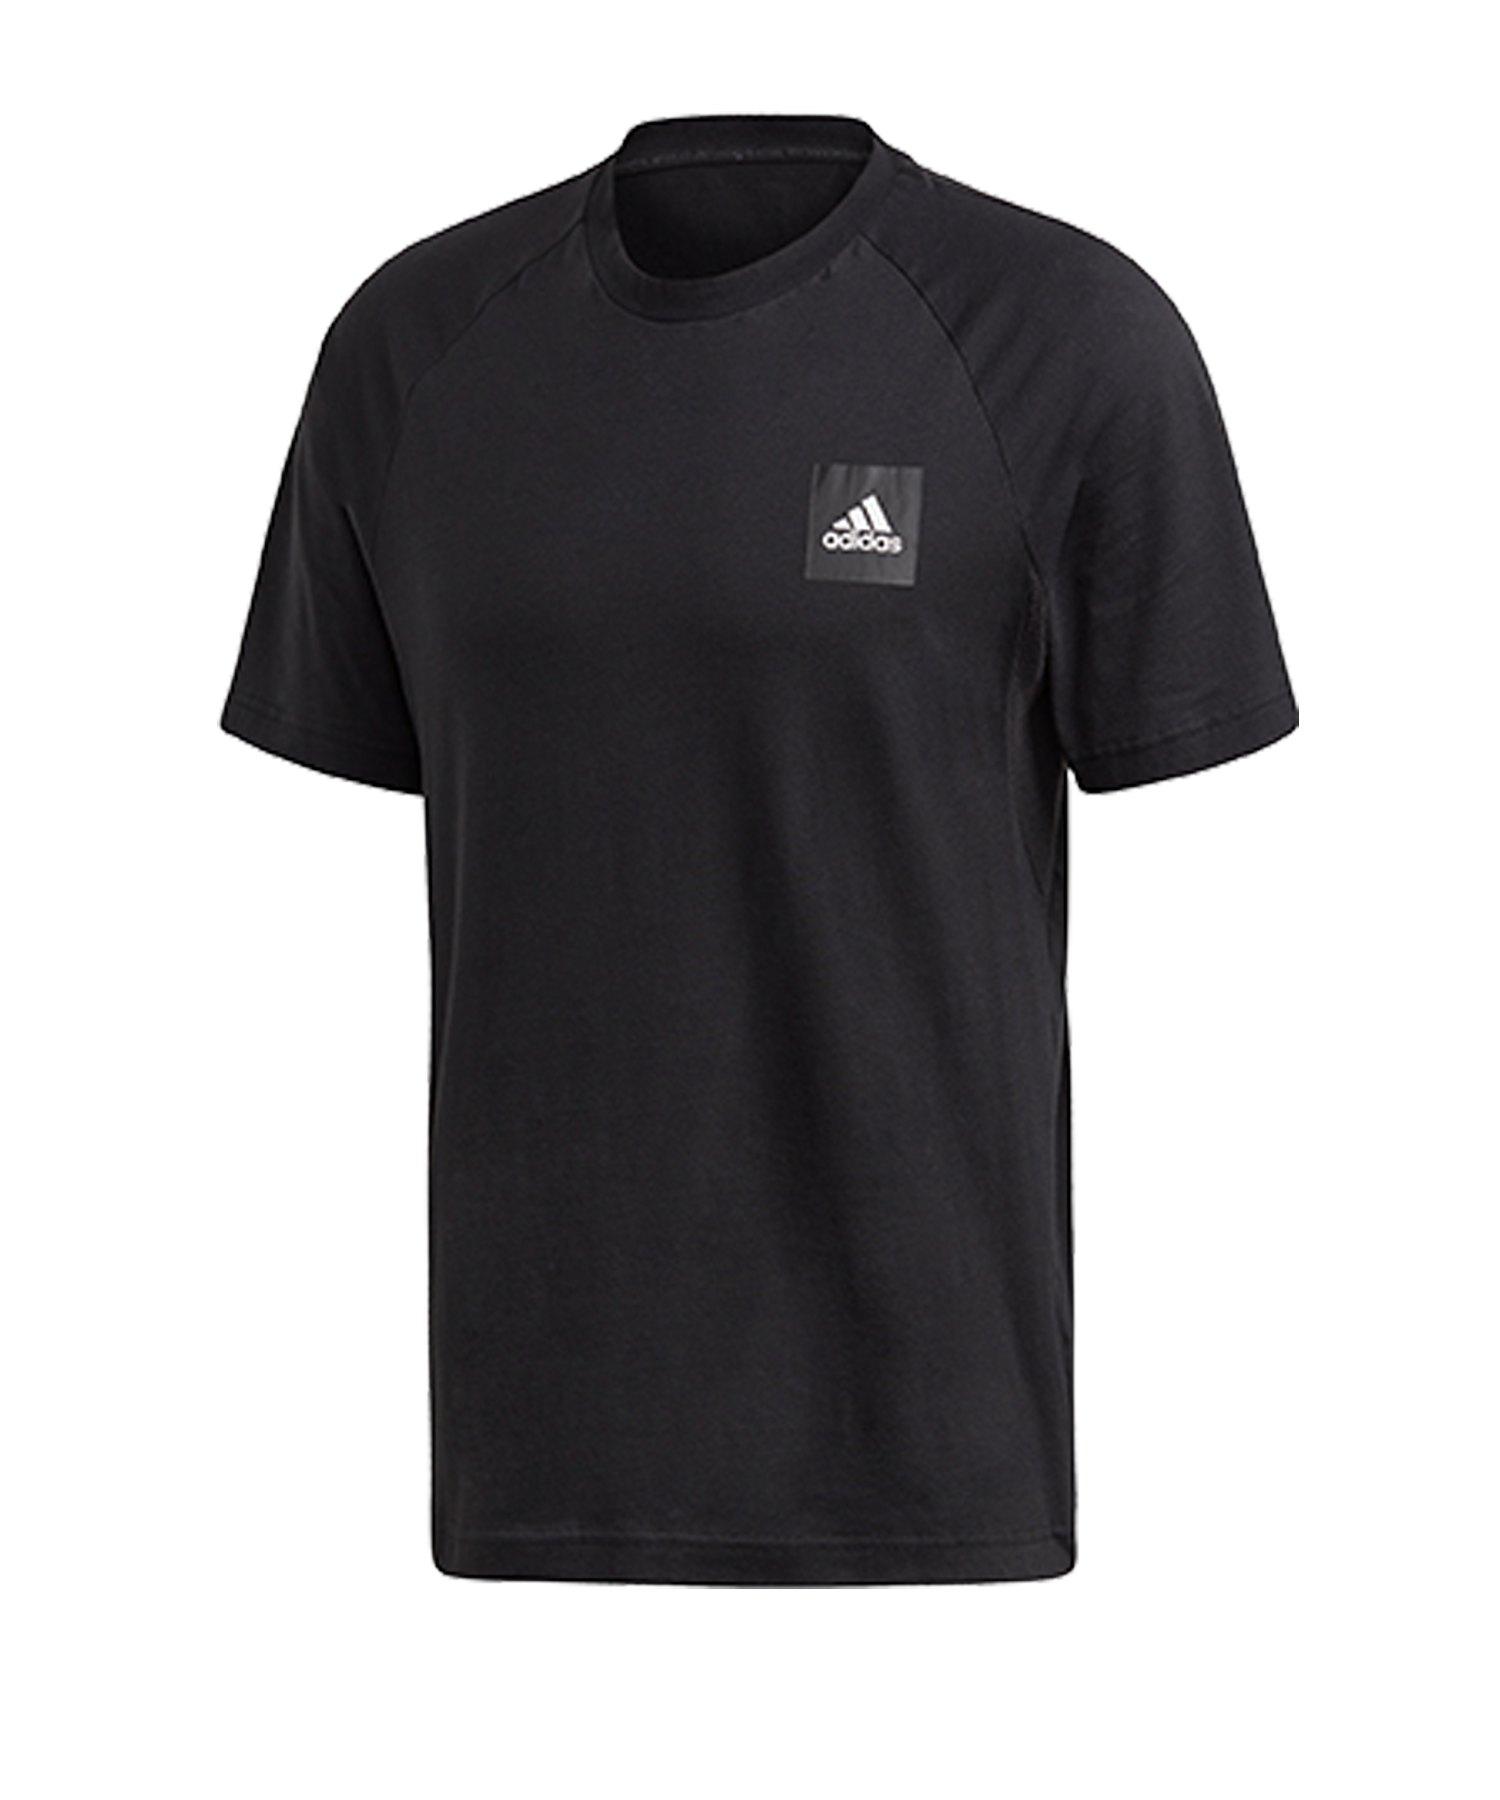 adidas MH Stadium T-Shirt Schwarz - schwarz